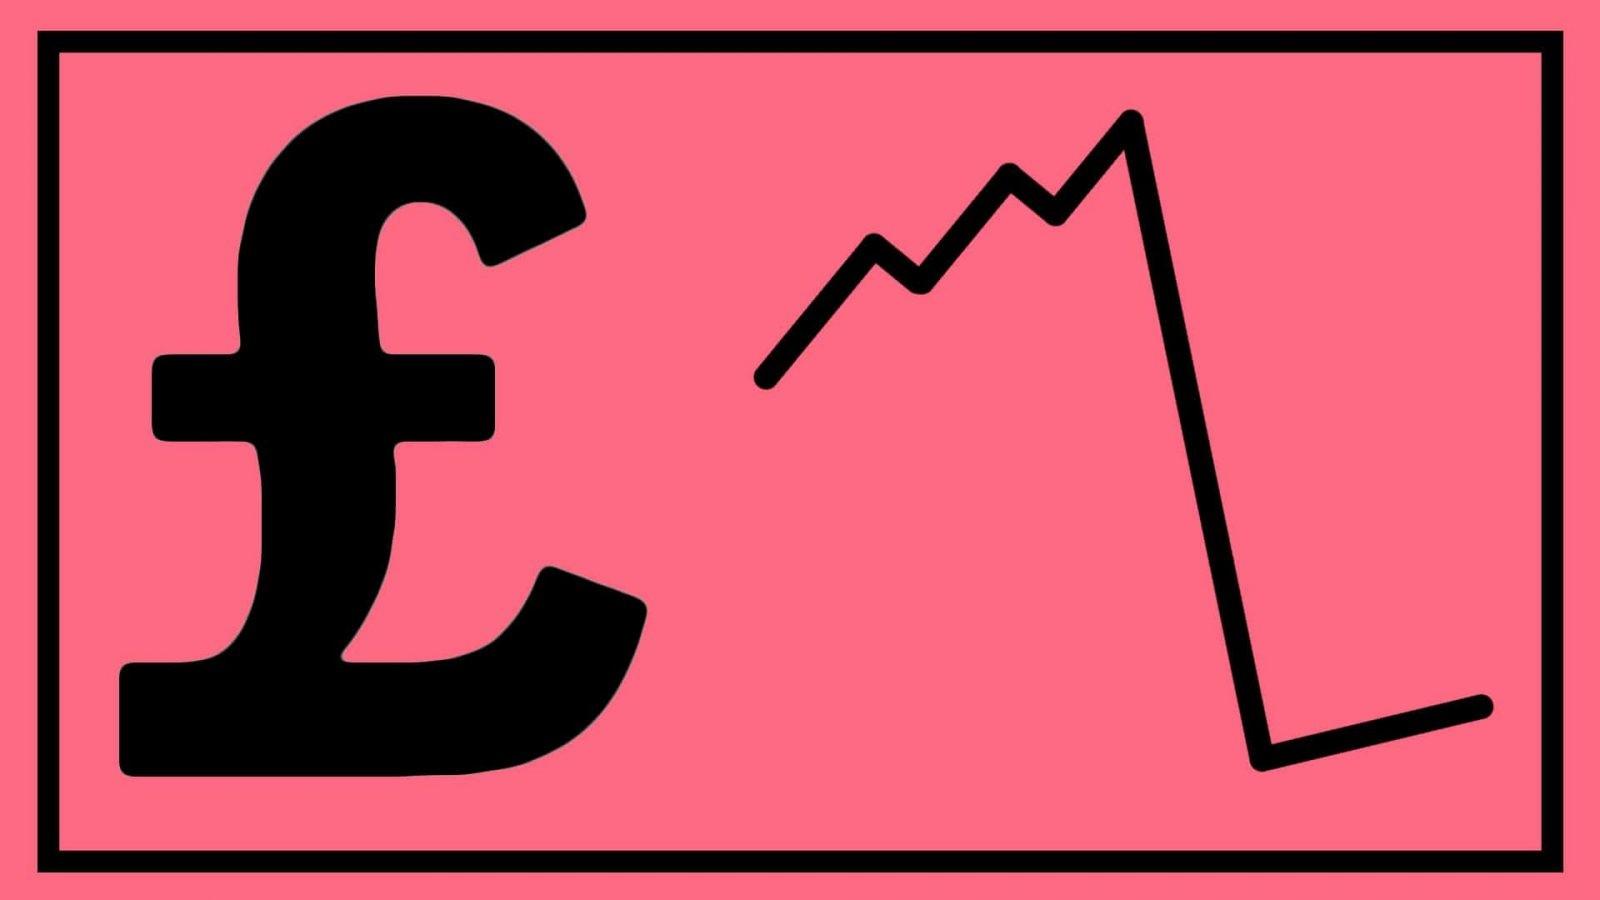 L'économie britannique : chômage en baisse et reprise de la croissance